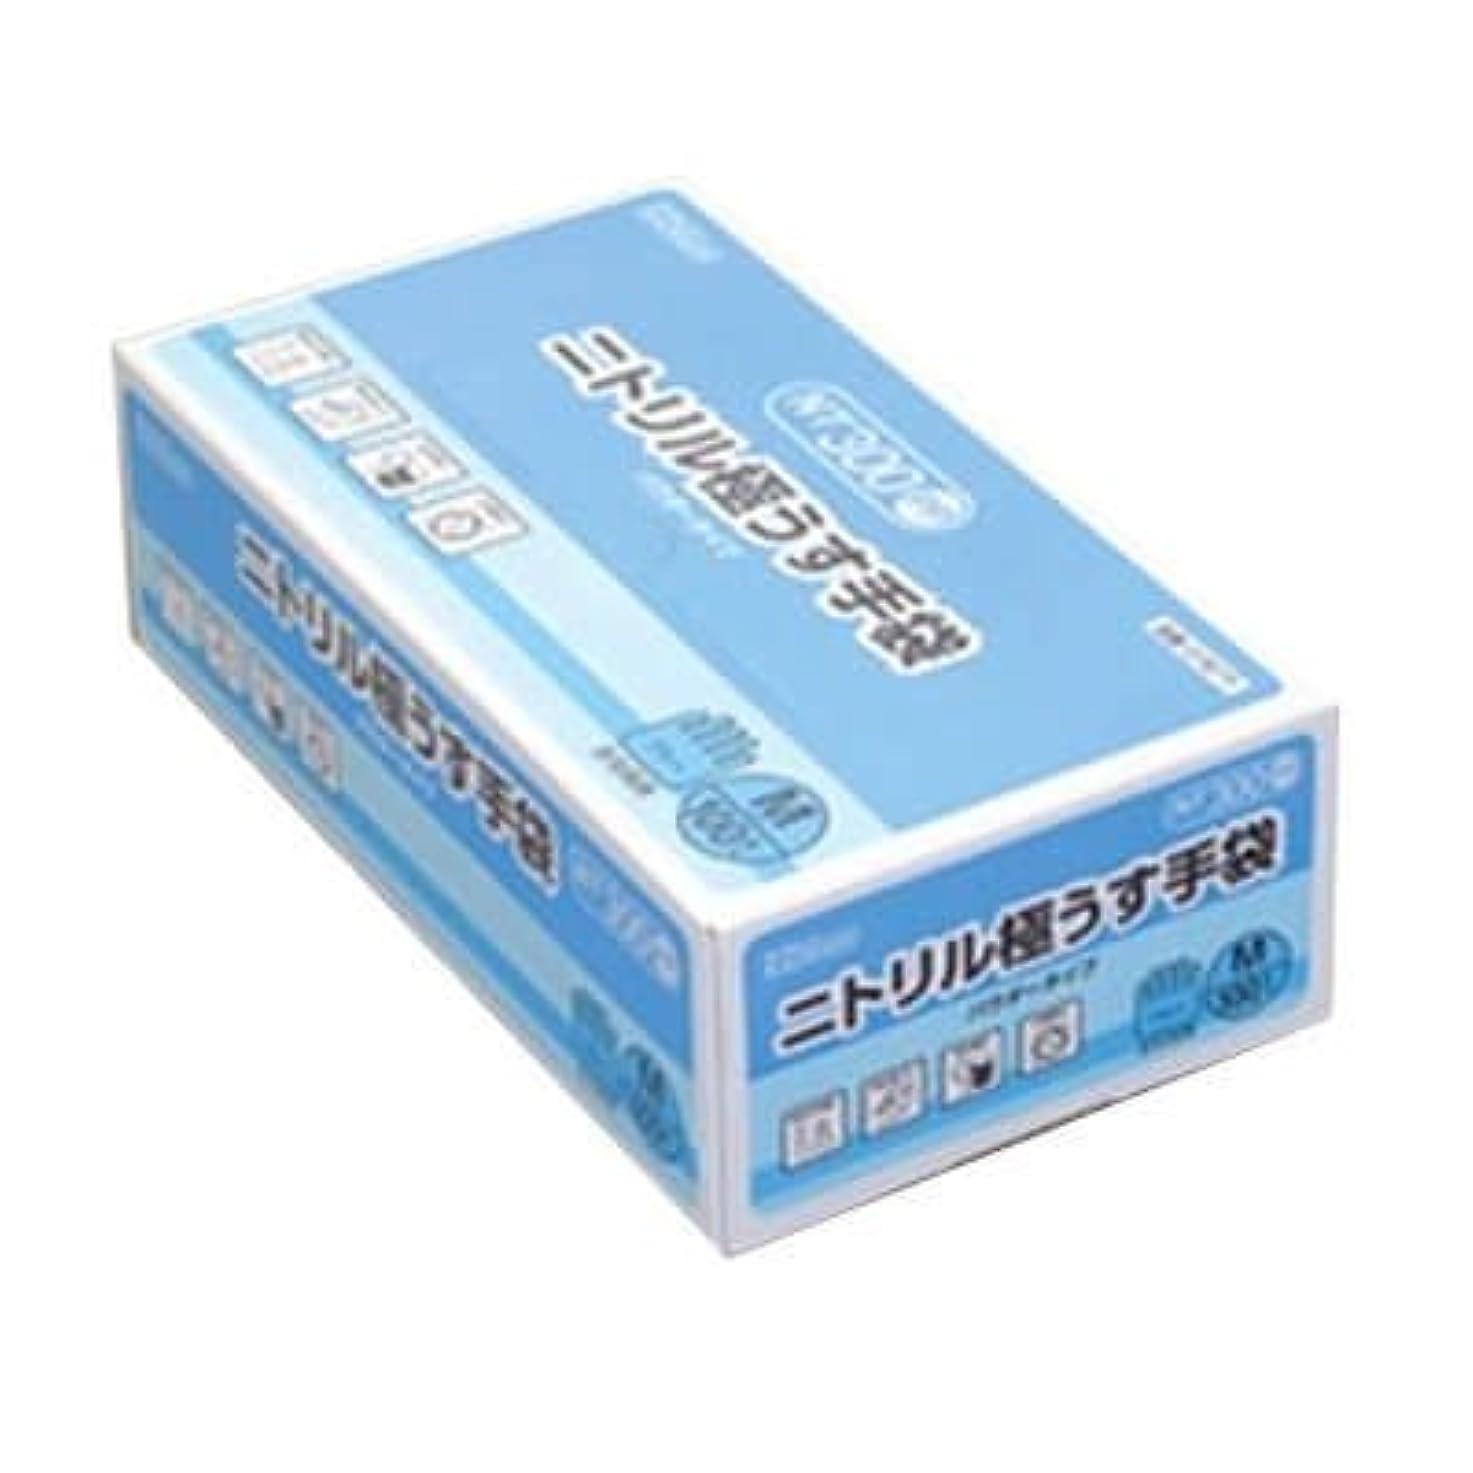 【ケース販売】 ダンロップ ニトリル極うす手袋 粉付 M ブルー NT-300 (100枚入×20箱)